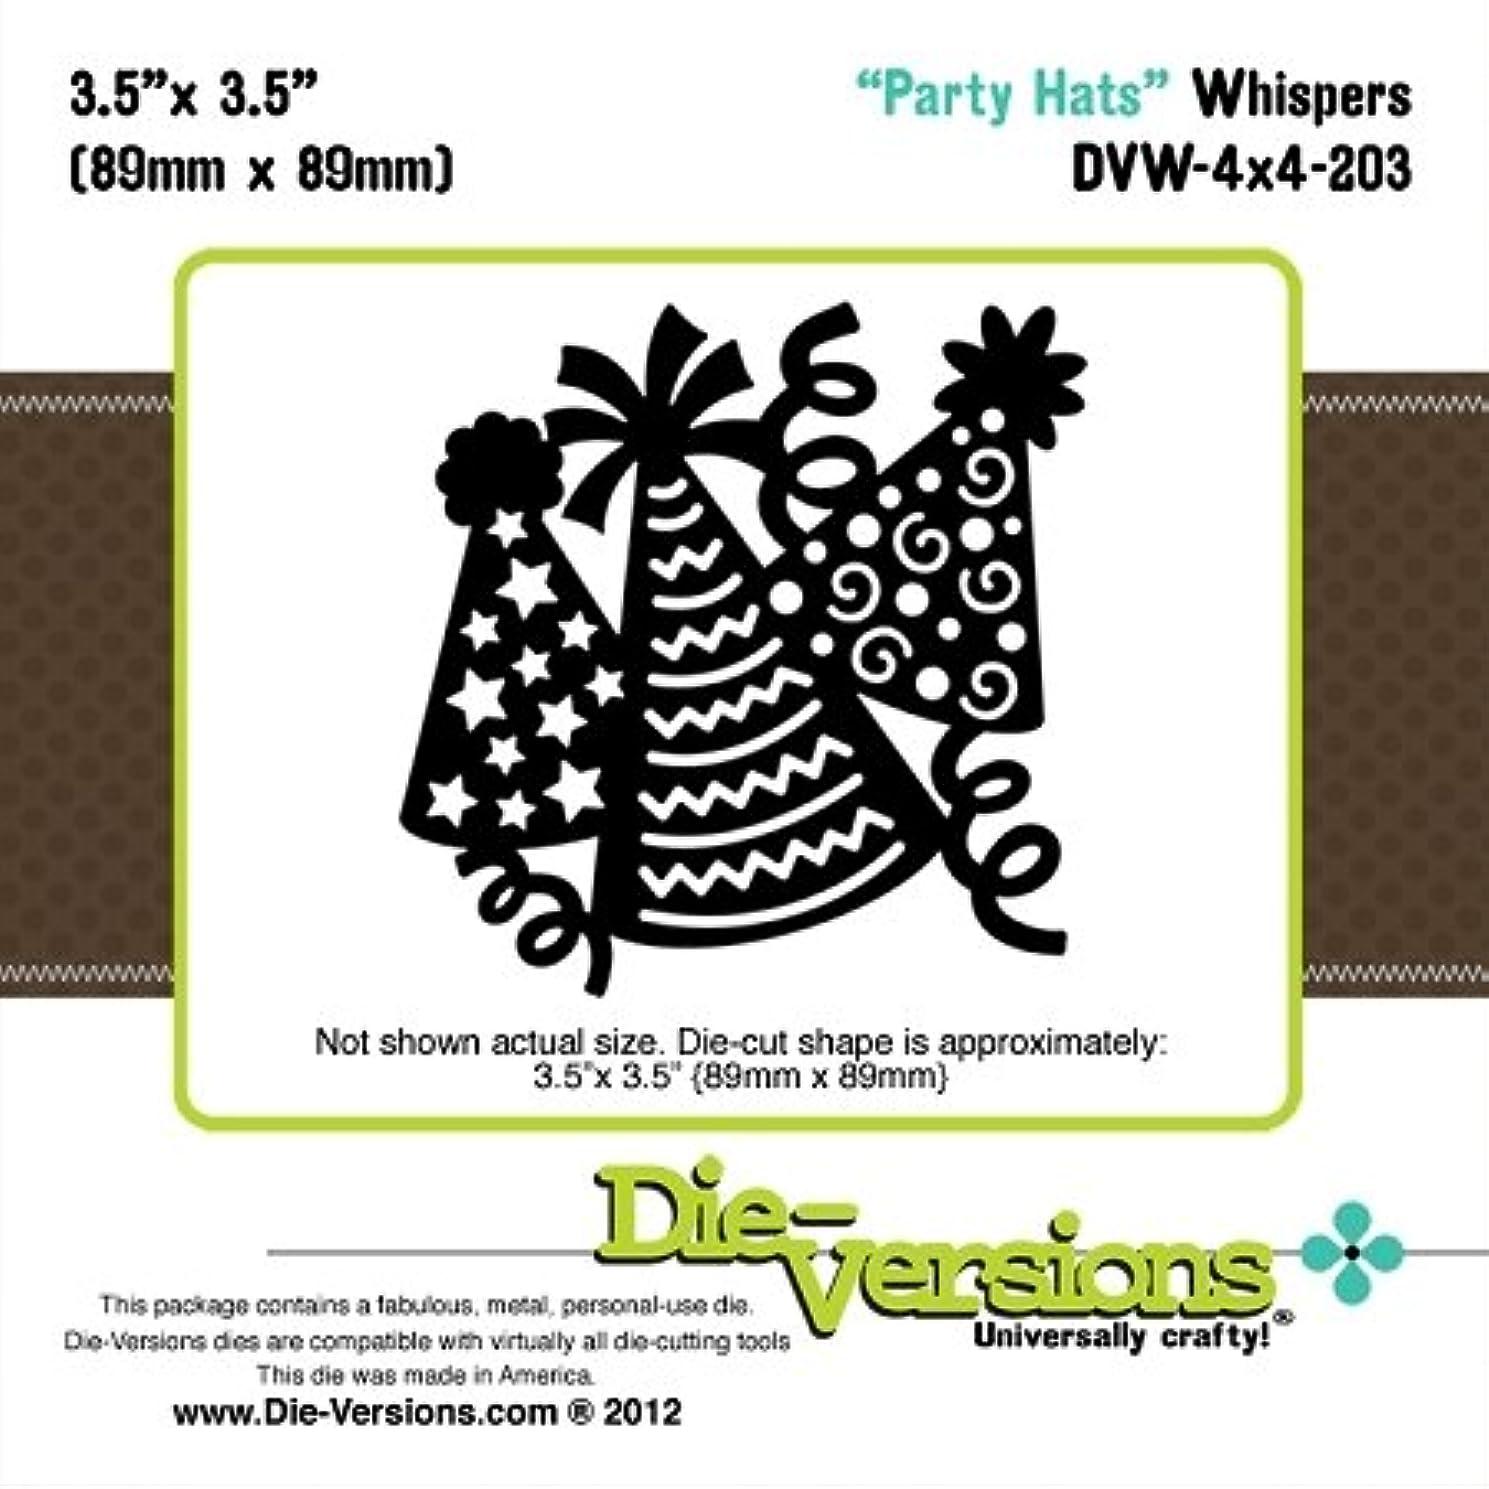 Die-Versions - Whispers - Party Hats Scrapbooking Die Cuts